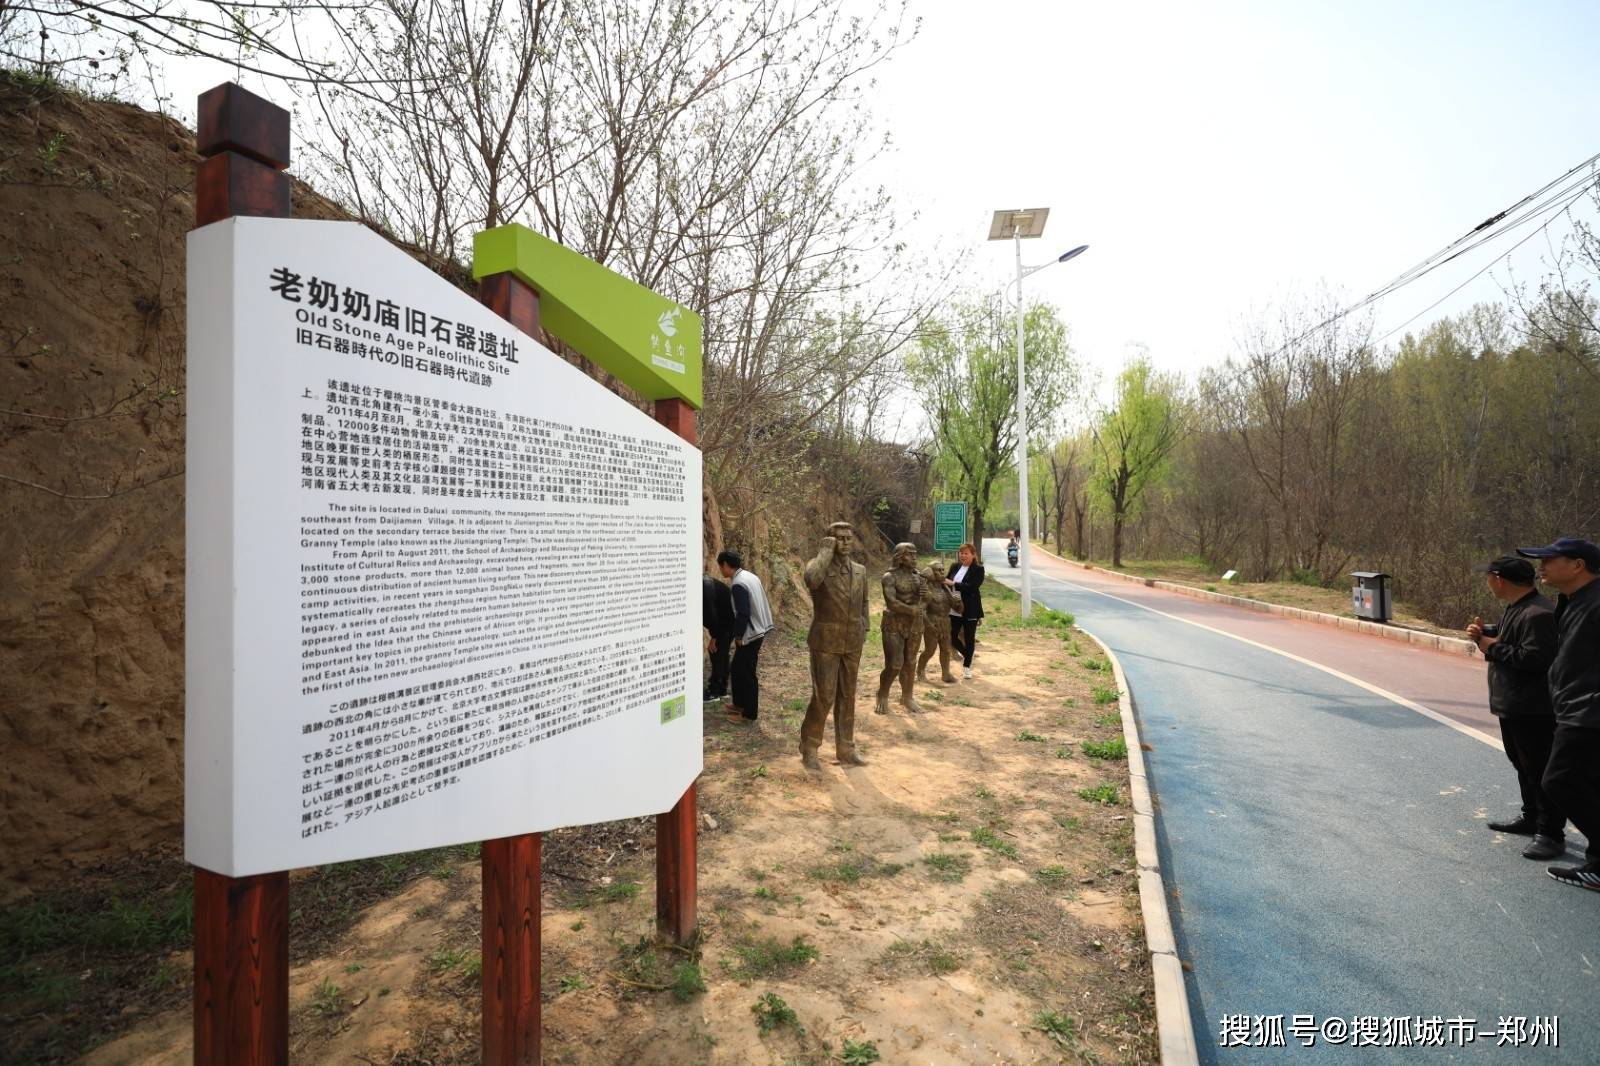 郑州老奶奶庙遗址再现嵩山东麓古人类发展进程